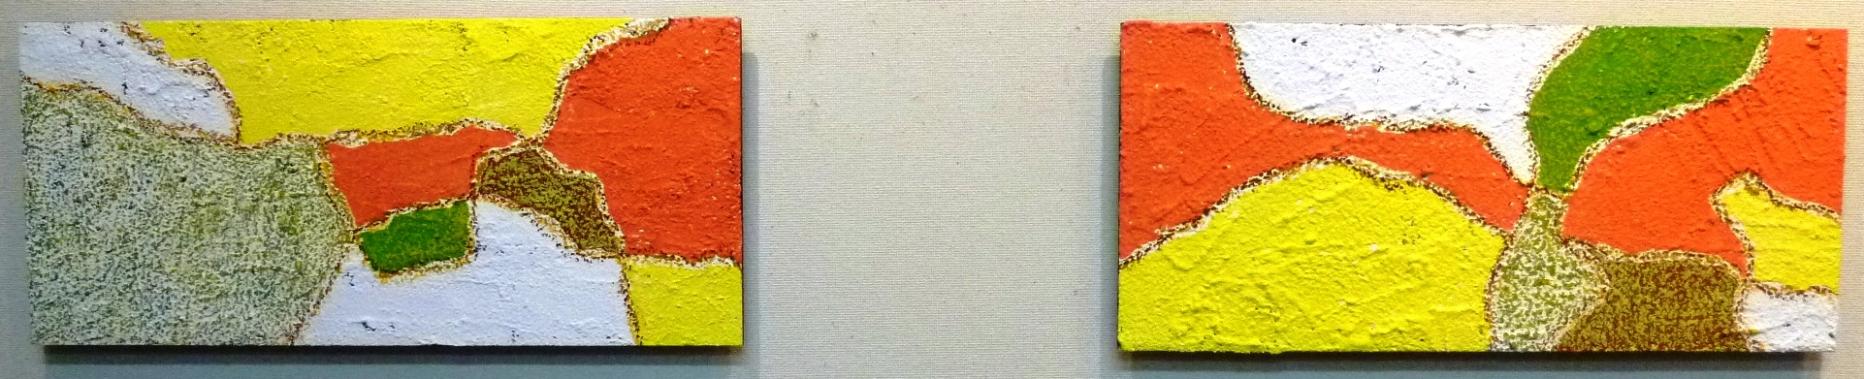 1482) 「守分美佳・展」・ミヤシタ  3月2日(水)~3月20日(日)  _f0126829_12311961.jpg